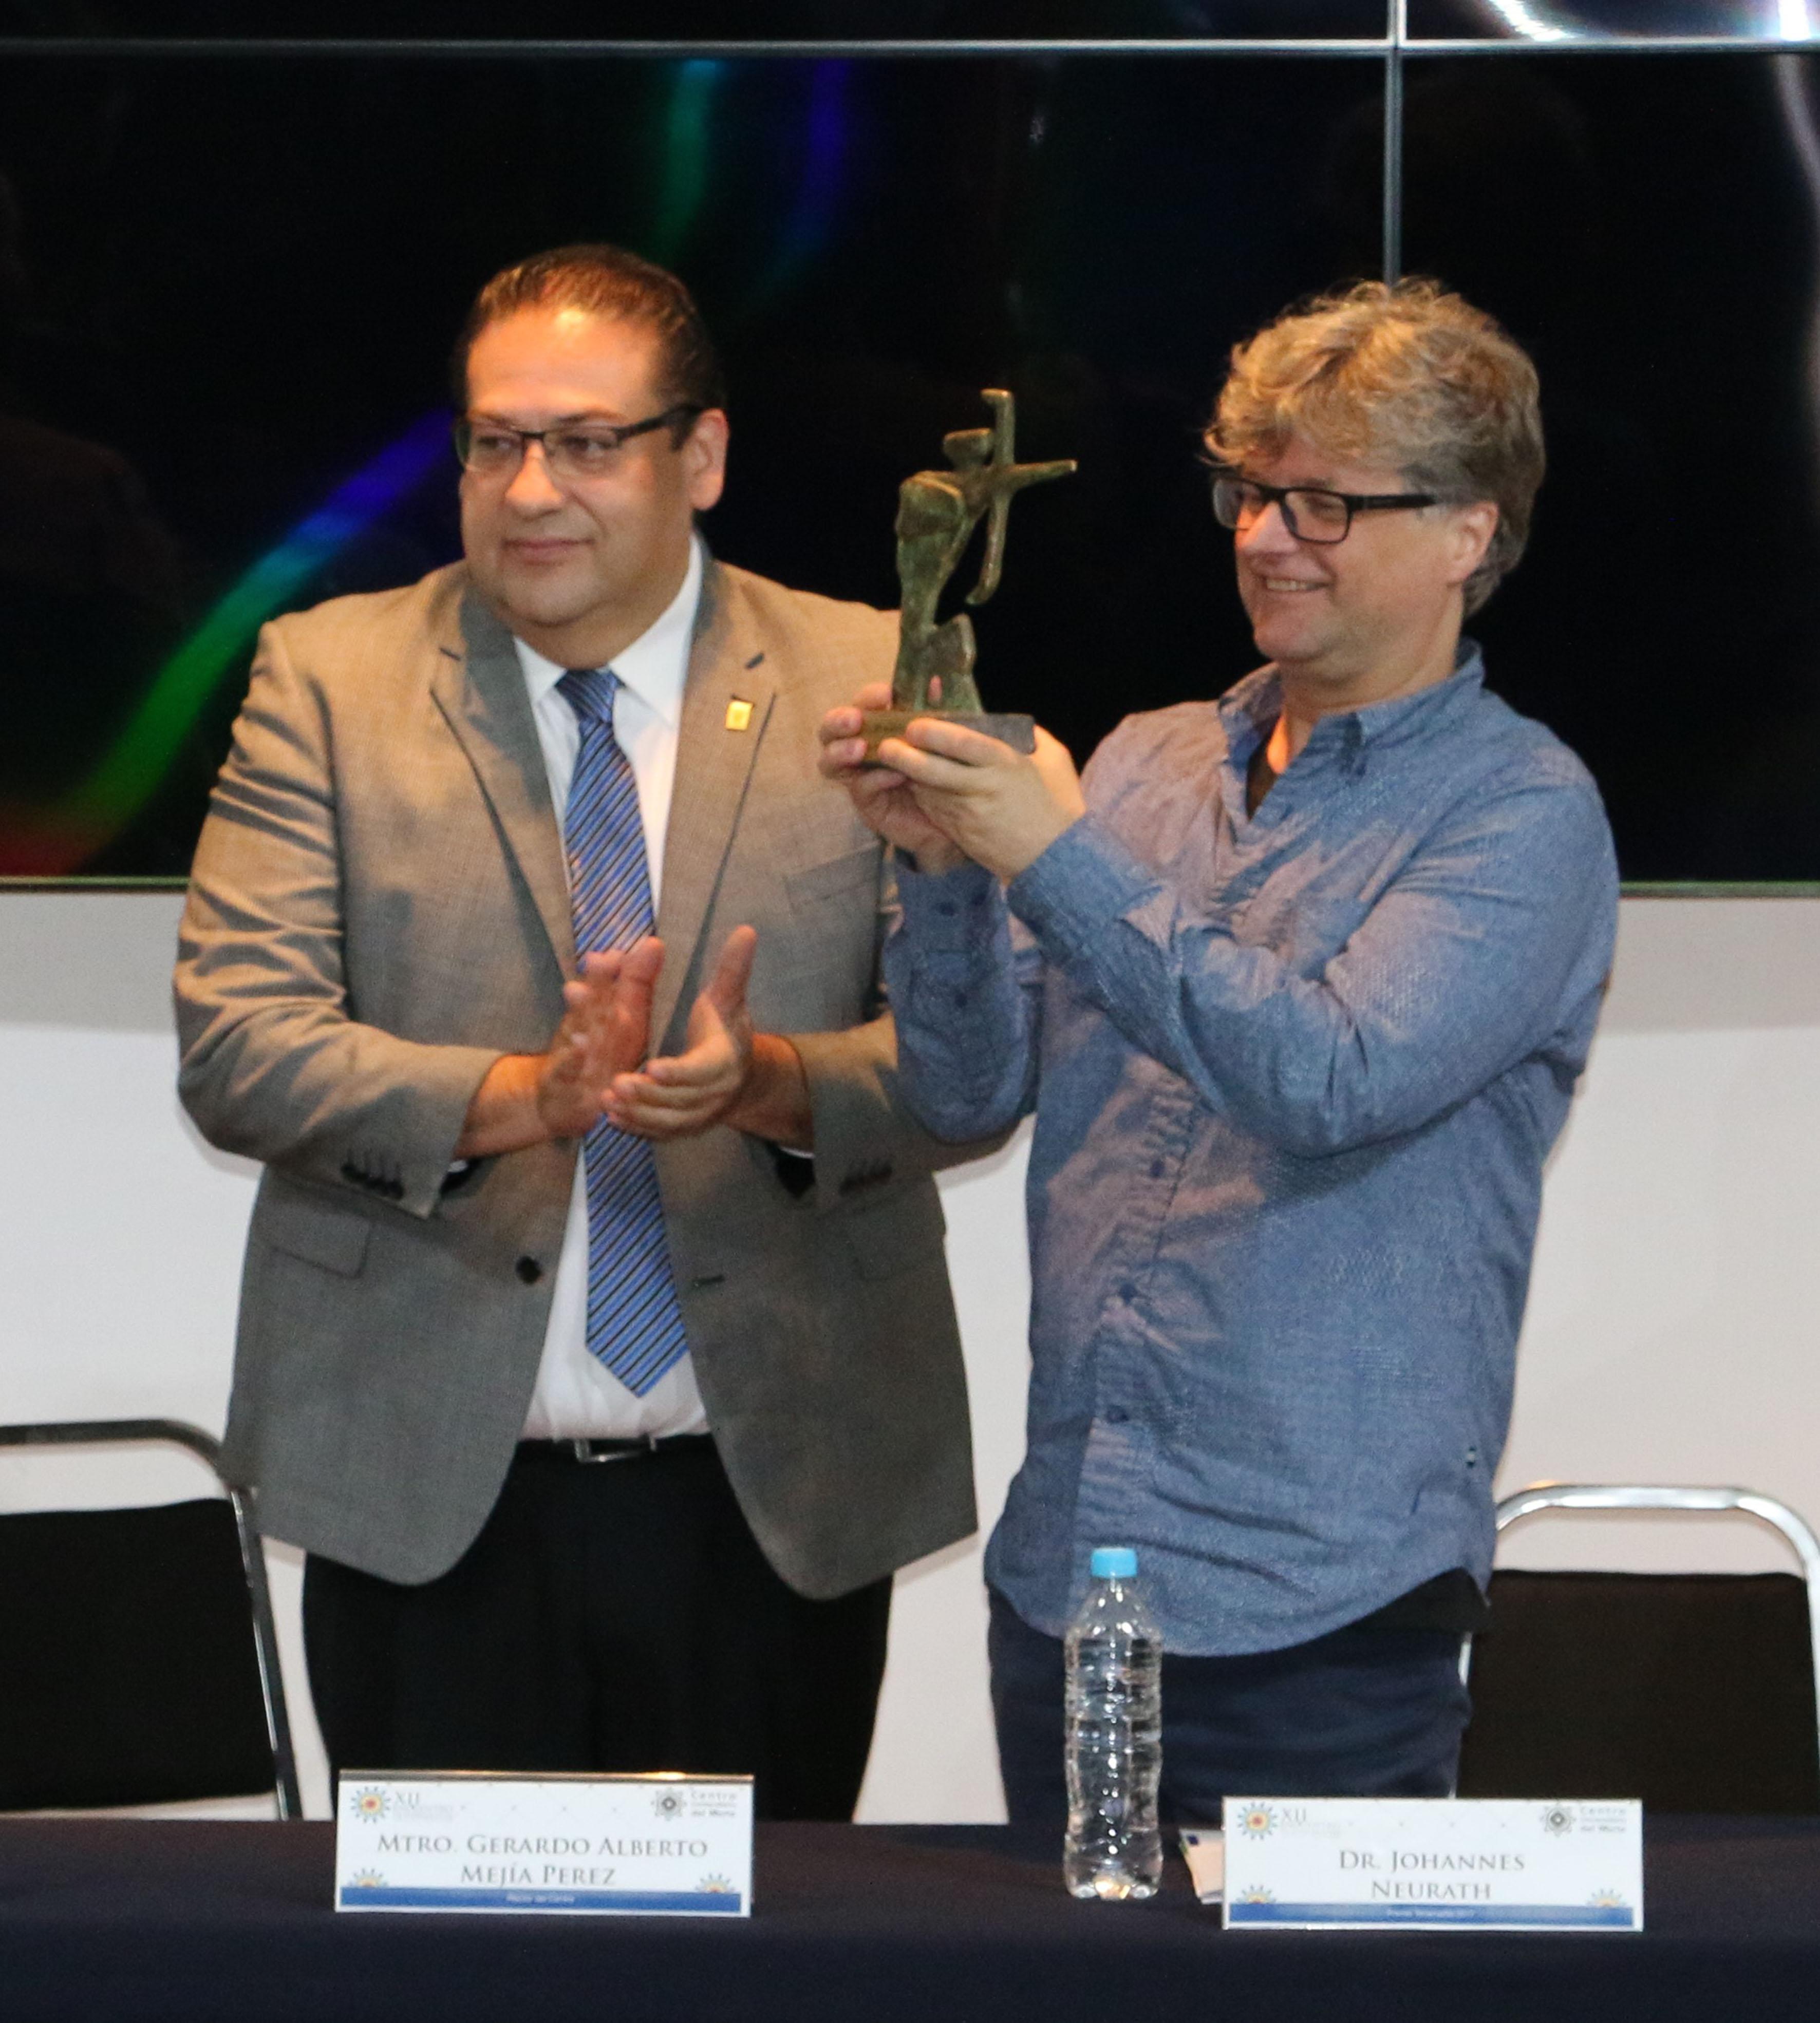 Maestro Gerardo Alberto Mejía Pérez, Rector del Centro Universitario del Norte (CUNorte), entregando el décimo primer Premio Tenamaztle, al doctor Johannes Neurath.